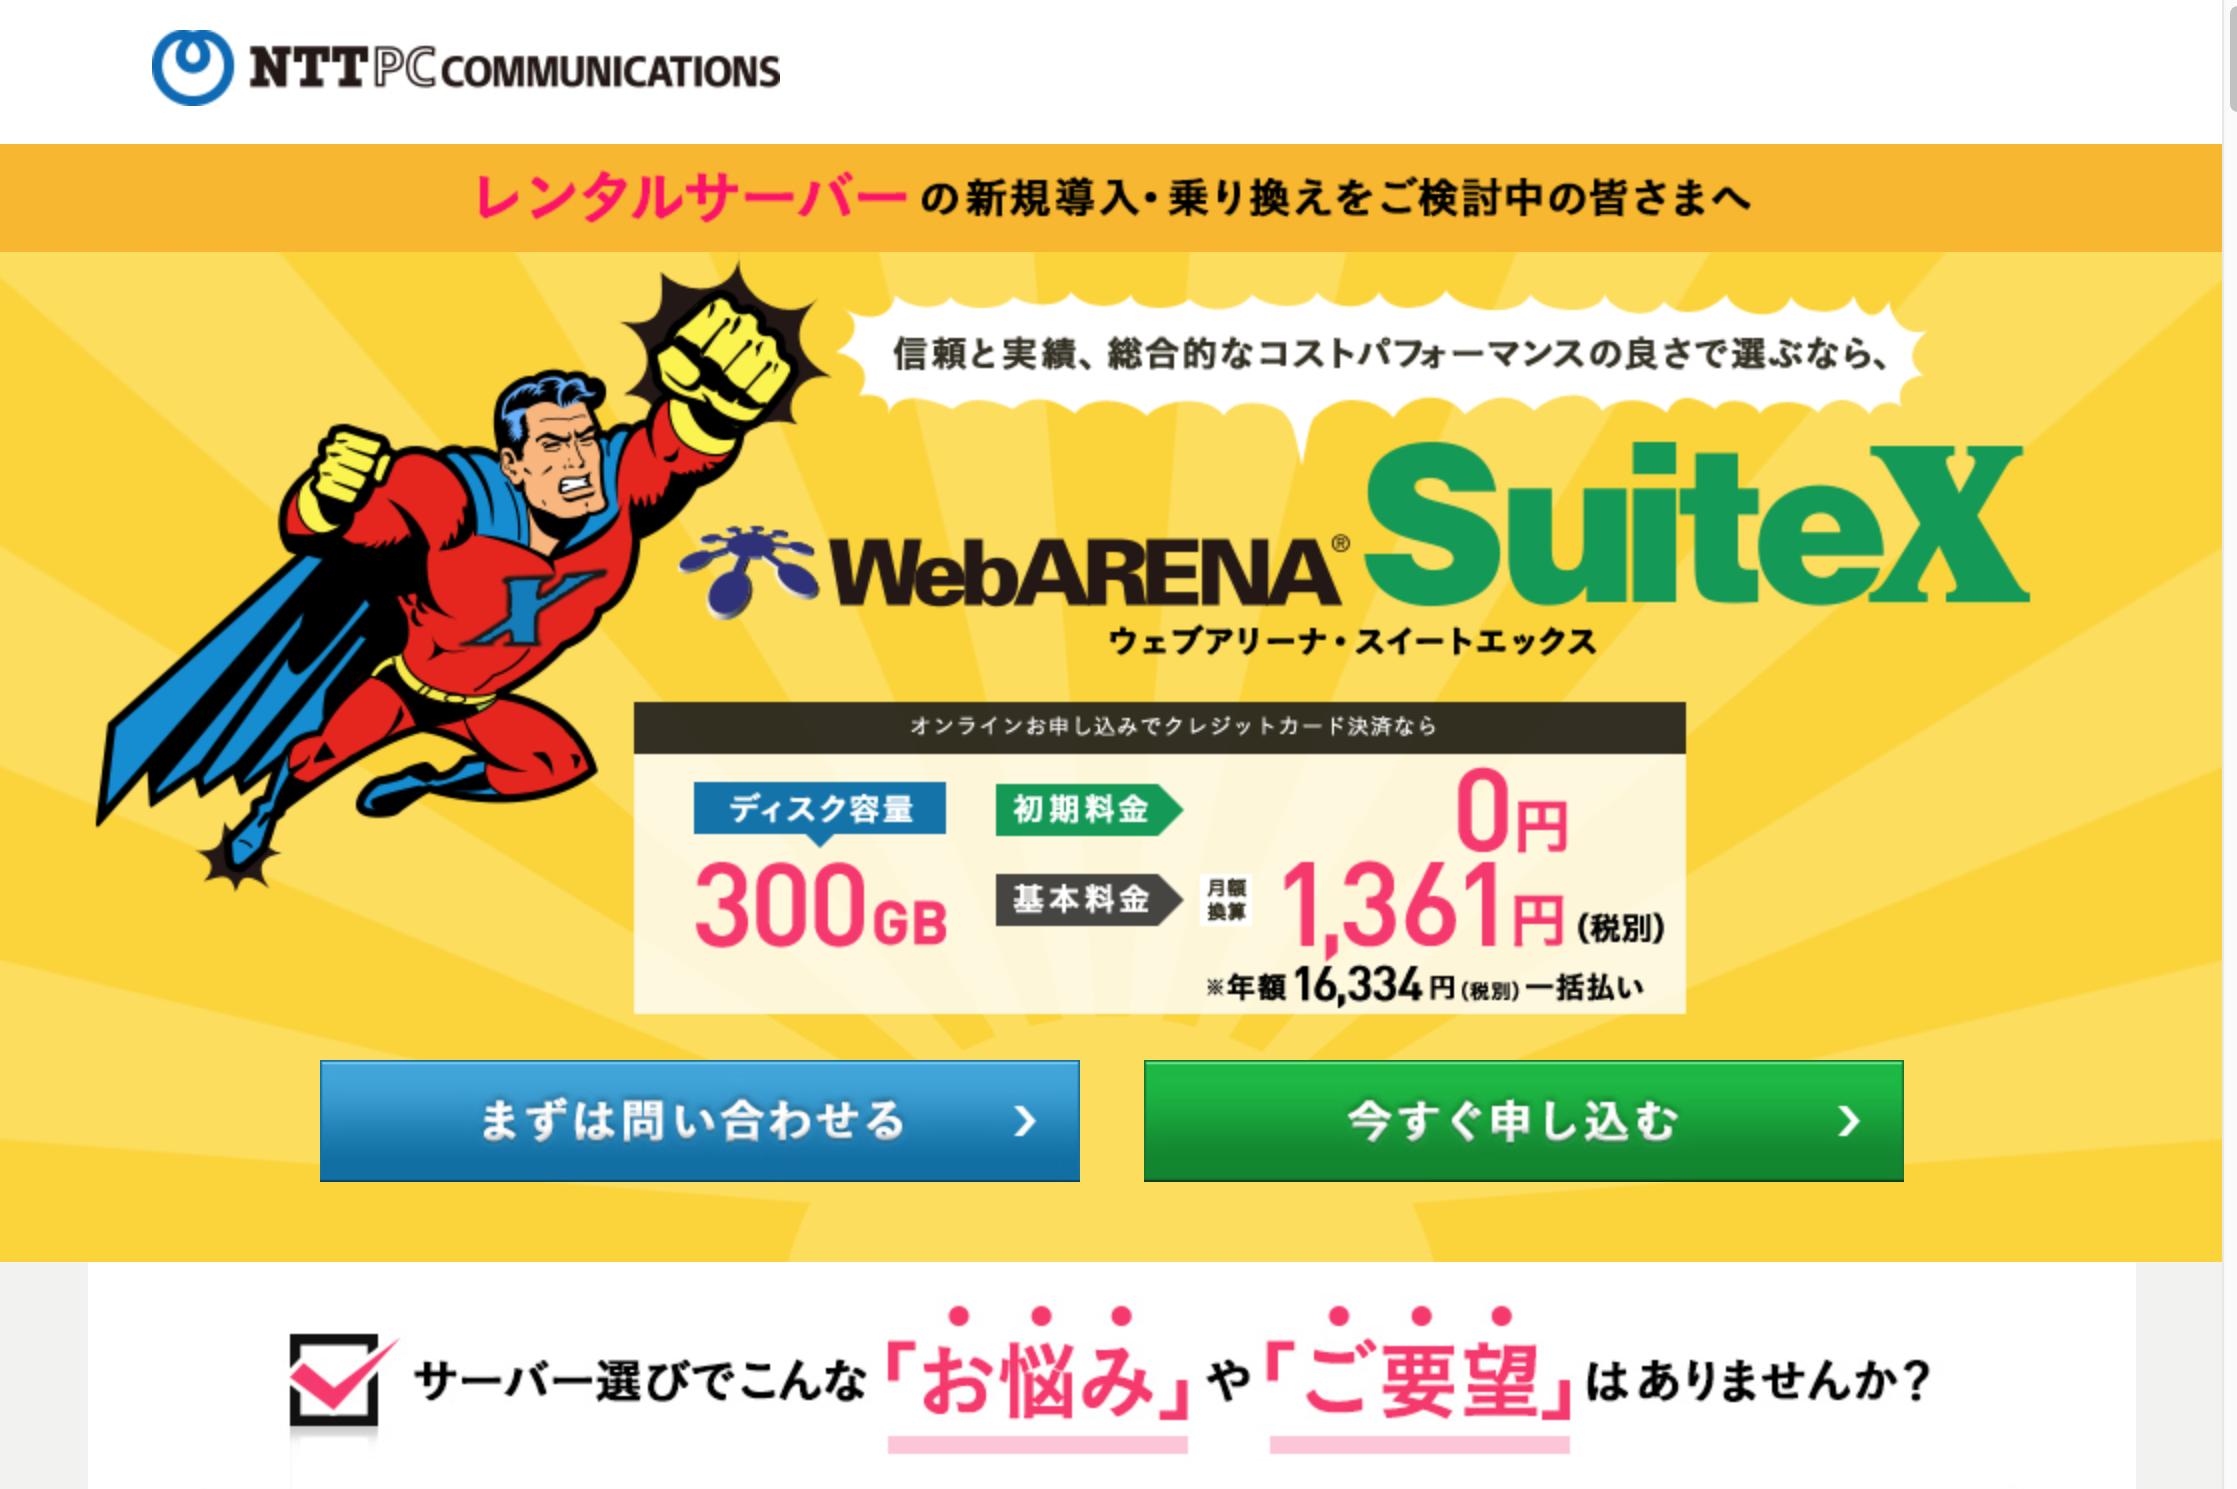 ウェブアリーナ SuiteX